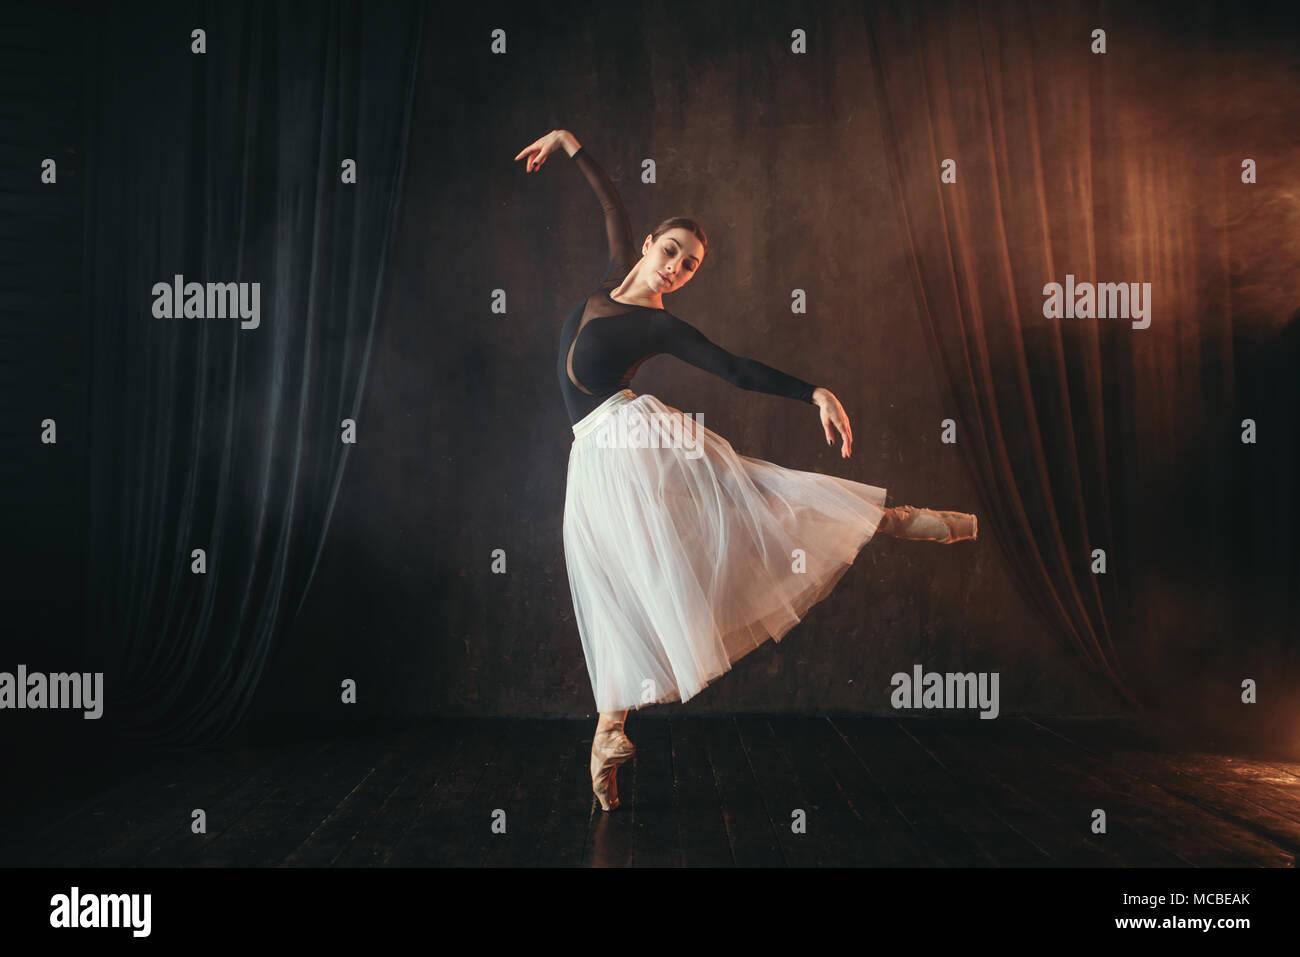 Bailarina de ballet clásico en movimiento en el escenario Imagen De Stock